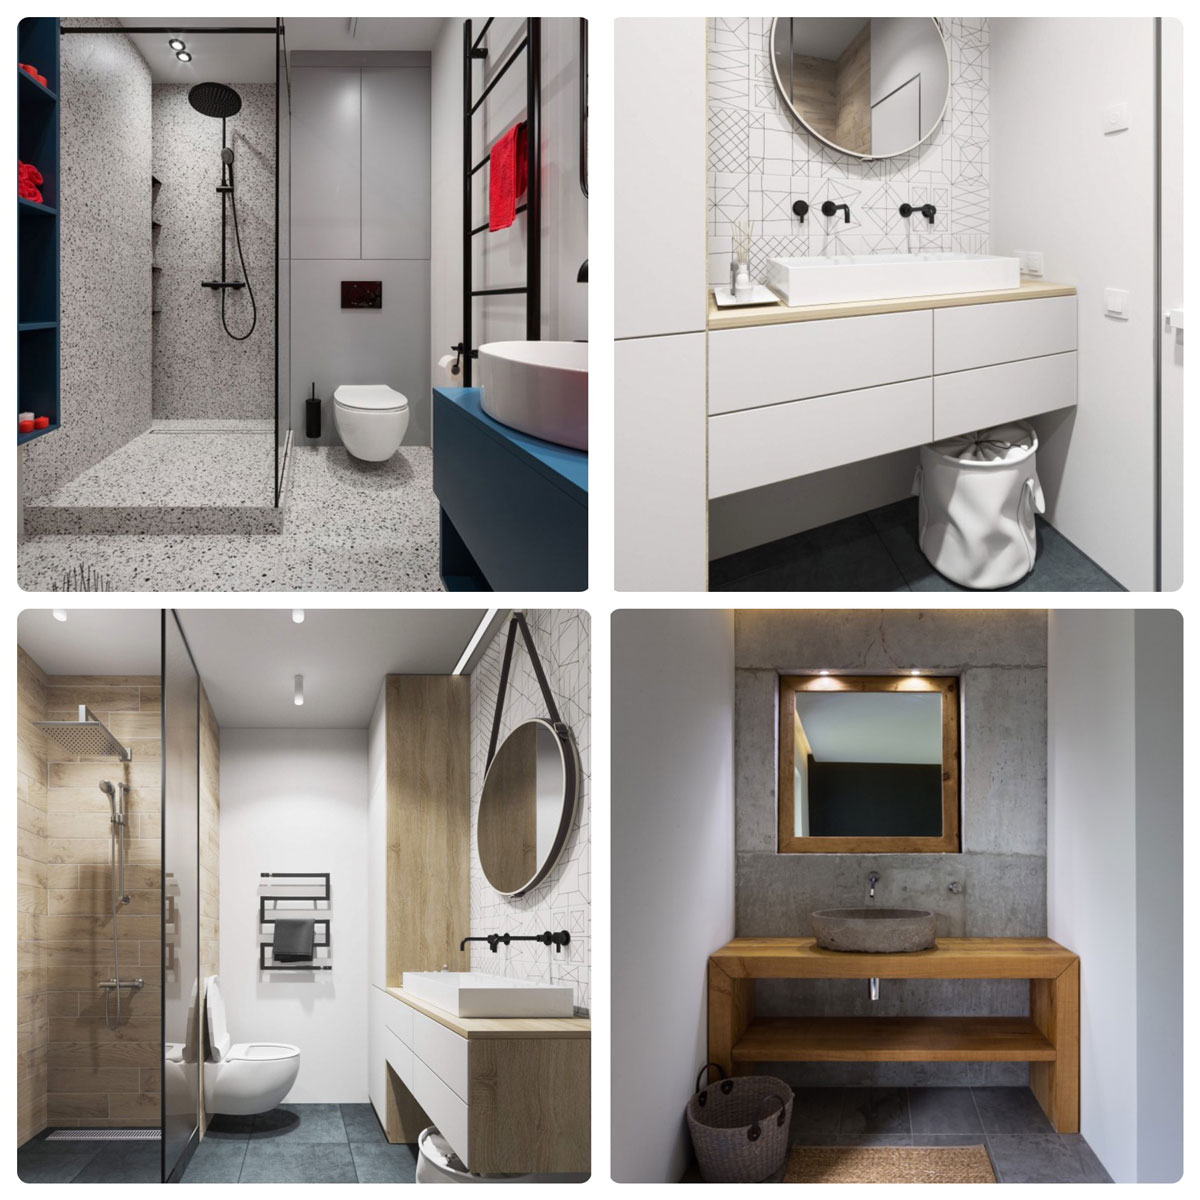 Оформления ванной комнаты: белоснежная сантехника, плитка тераццо, большие зеркала, только практичные аксессуары